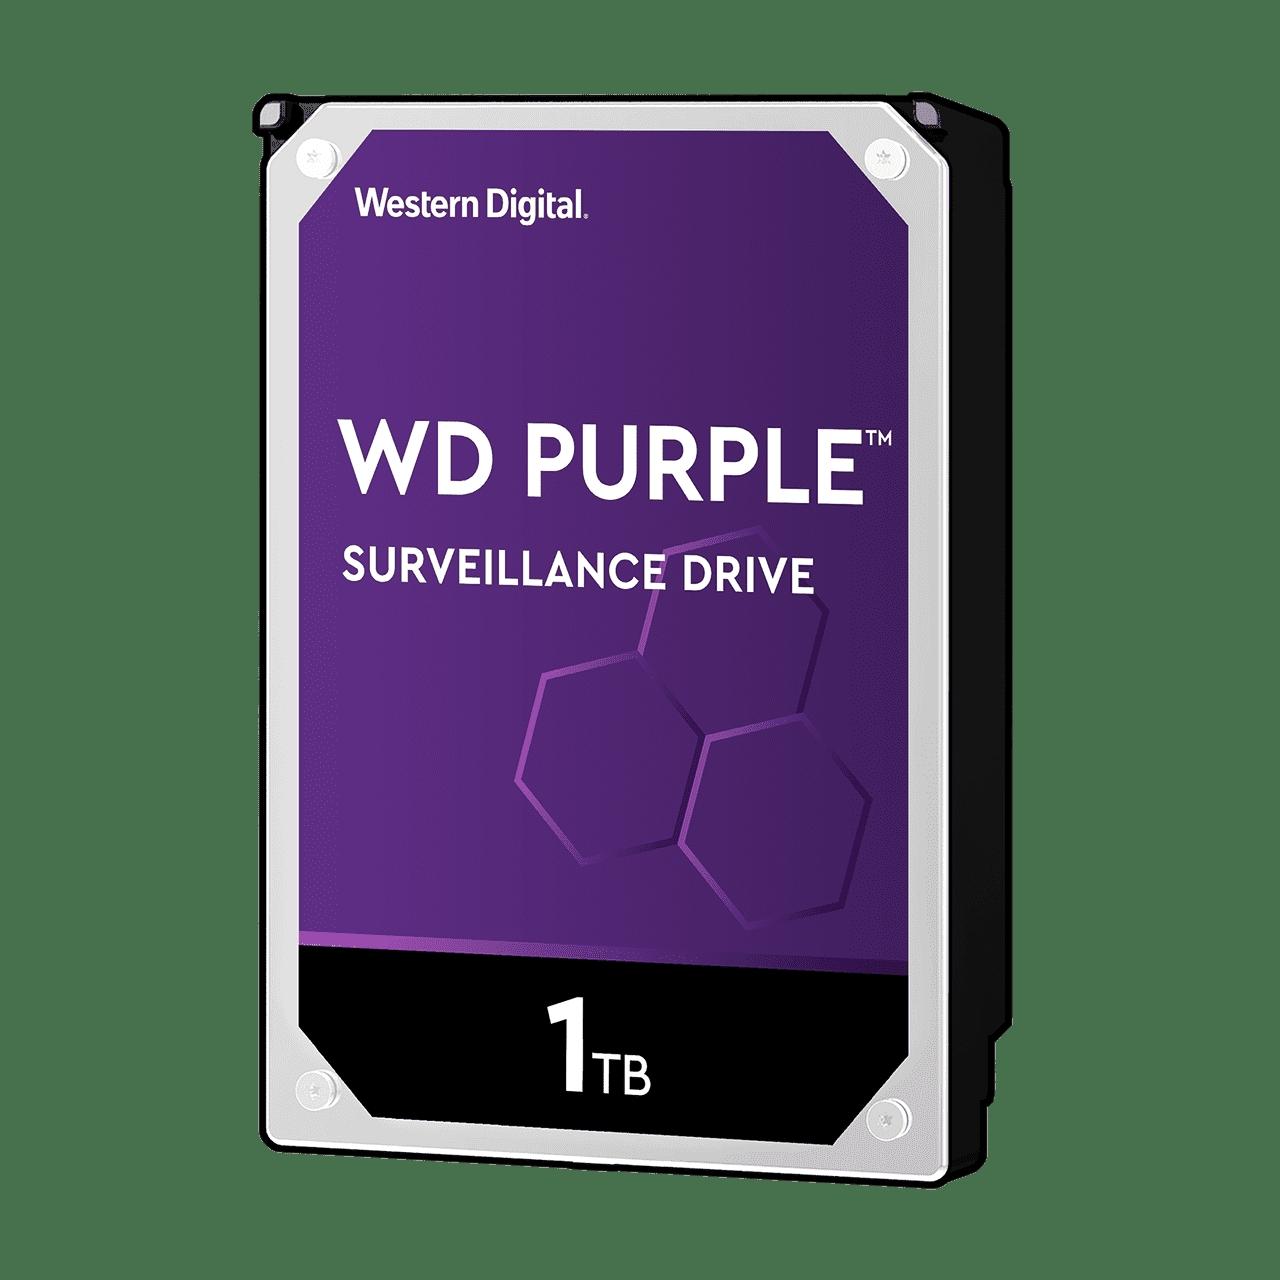 wd purple surveillance hard drive western digital bill format